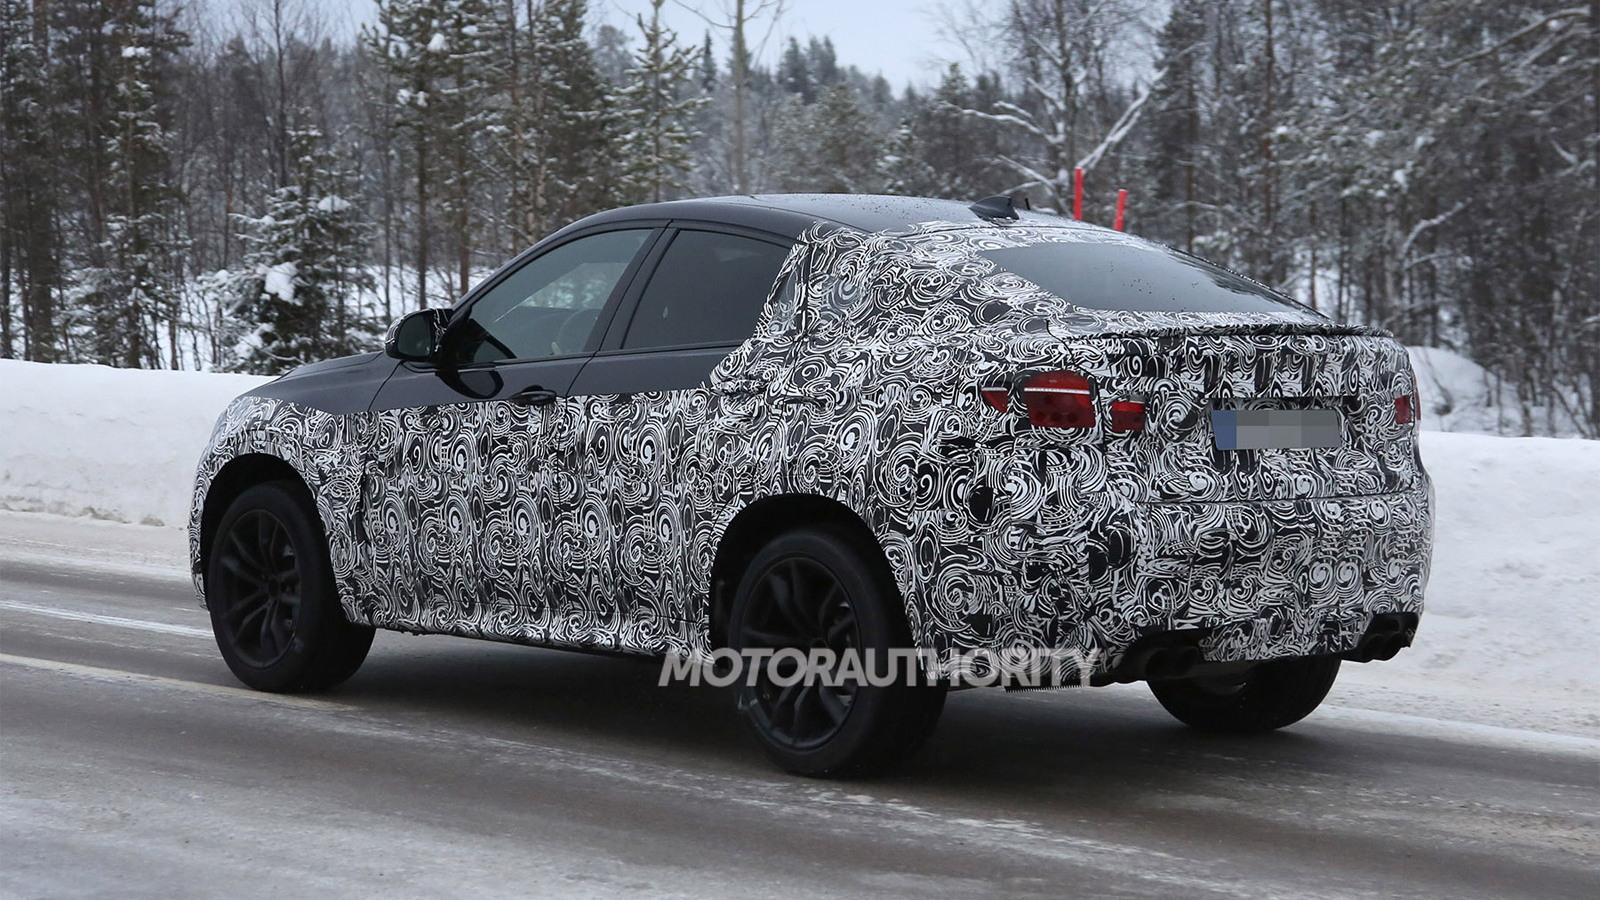 2015 BMW X6 M spy shots